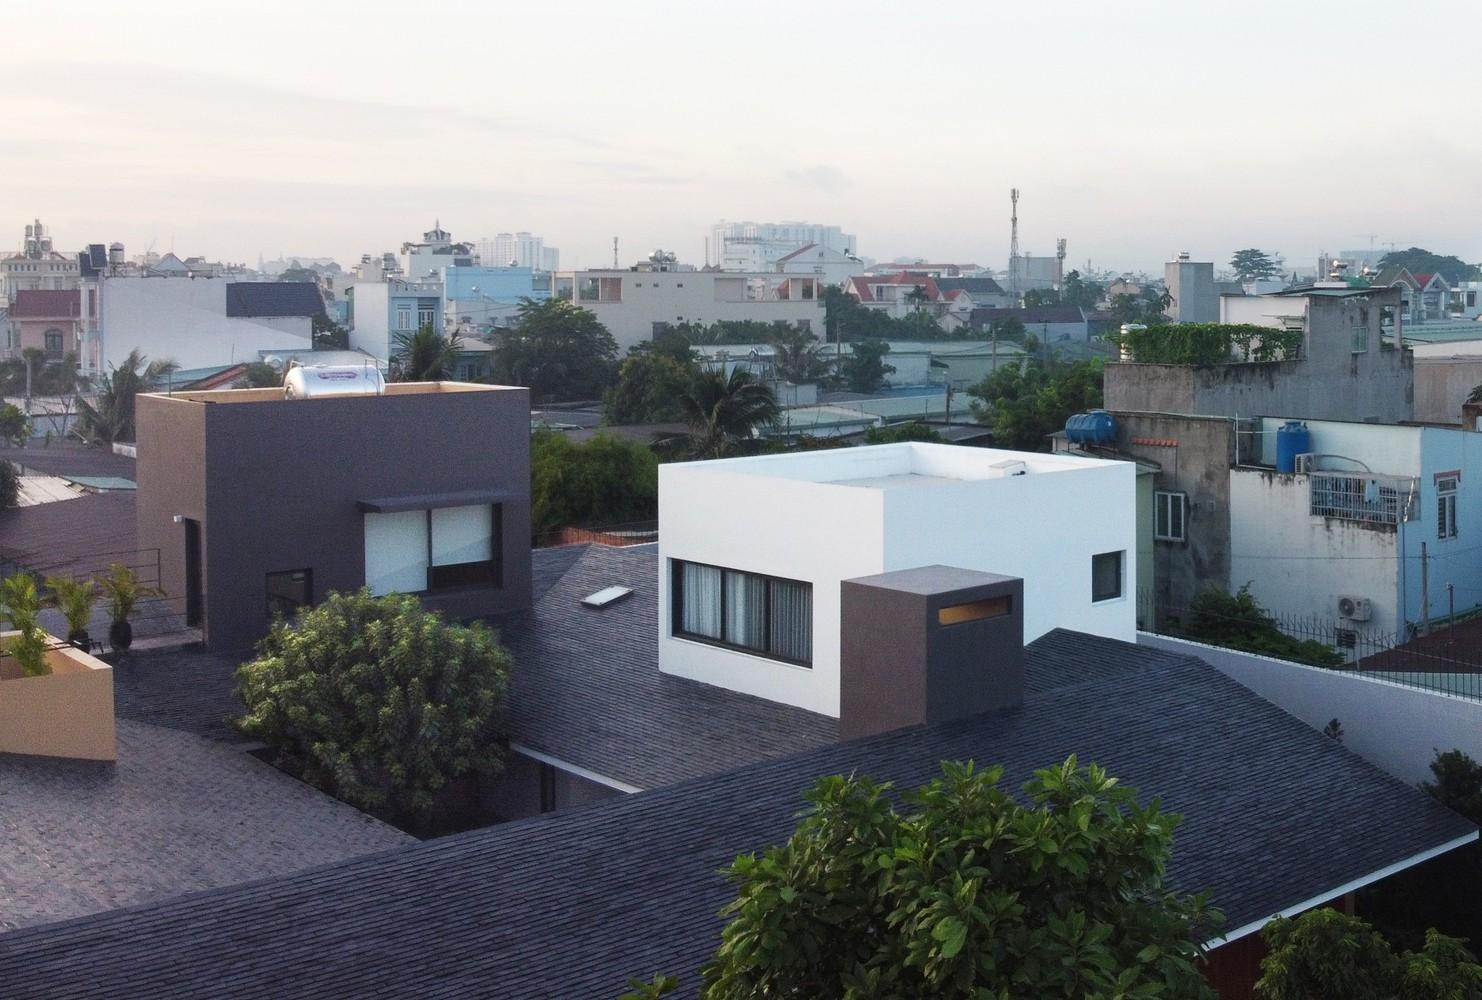 Đáng chú ý, để có đủ số lượng phòng, nhóm kiến trúc sư đã tạo ra các khối hộp hai tầng đâm xuyên qua mái dốc